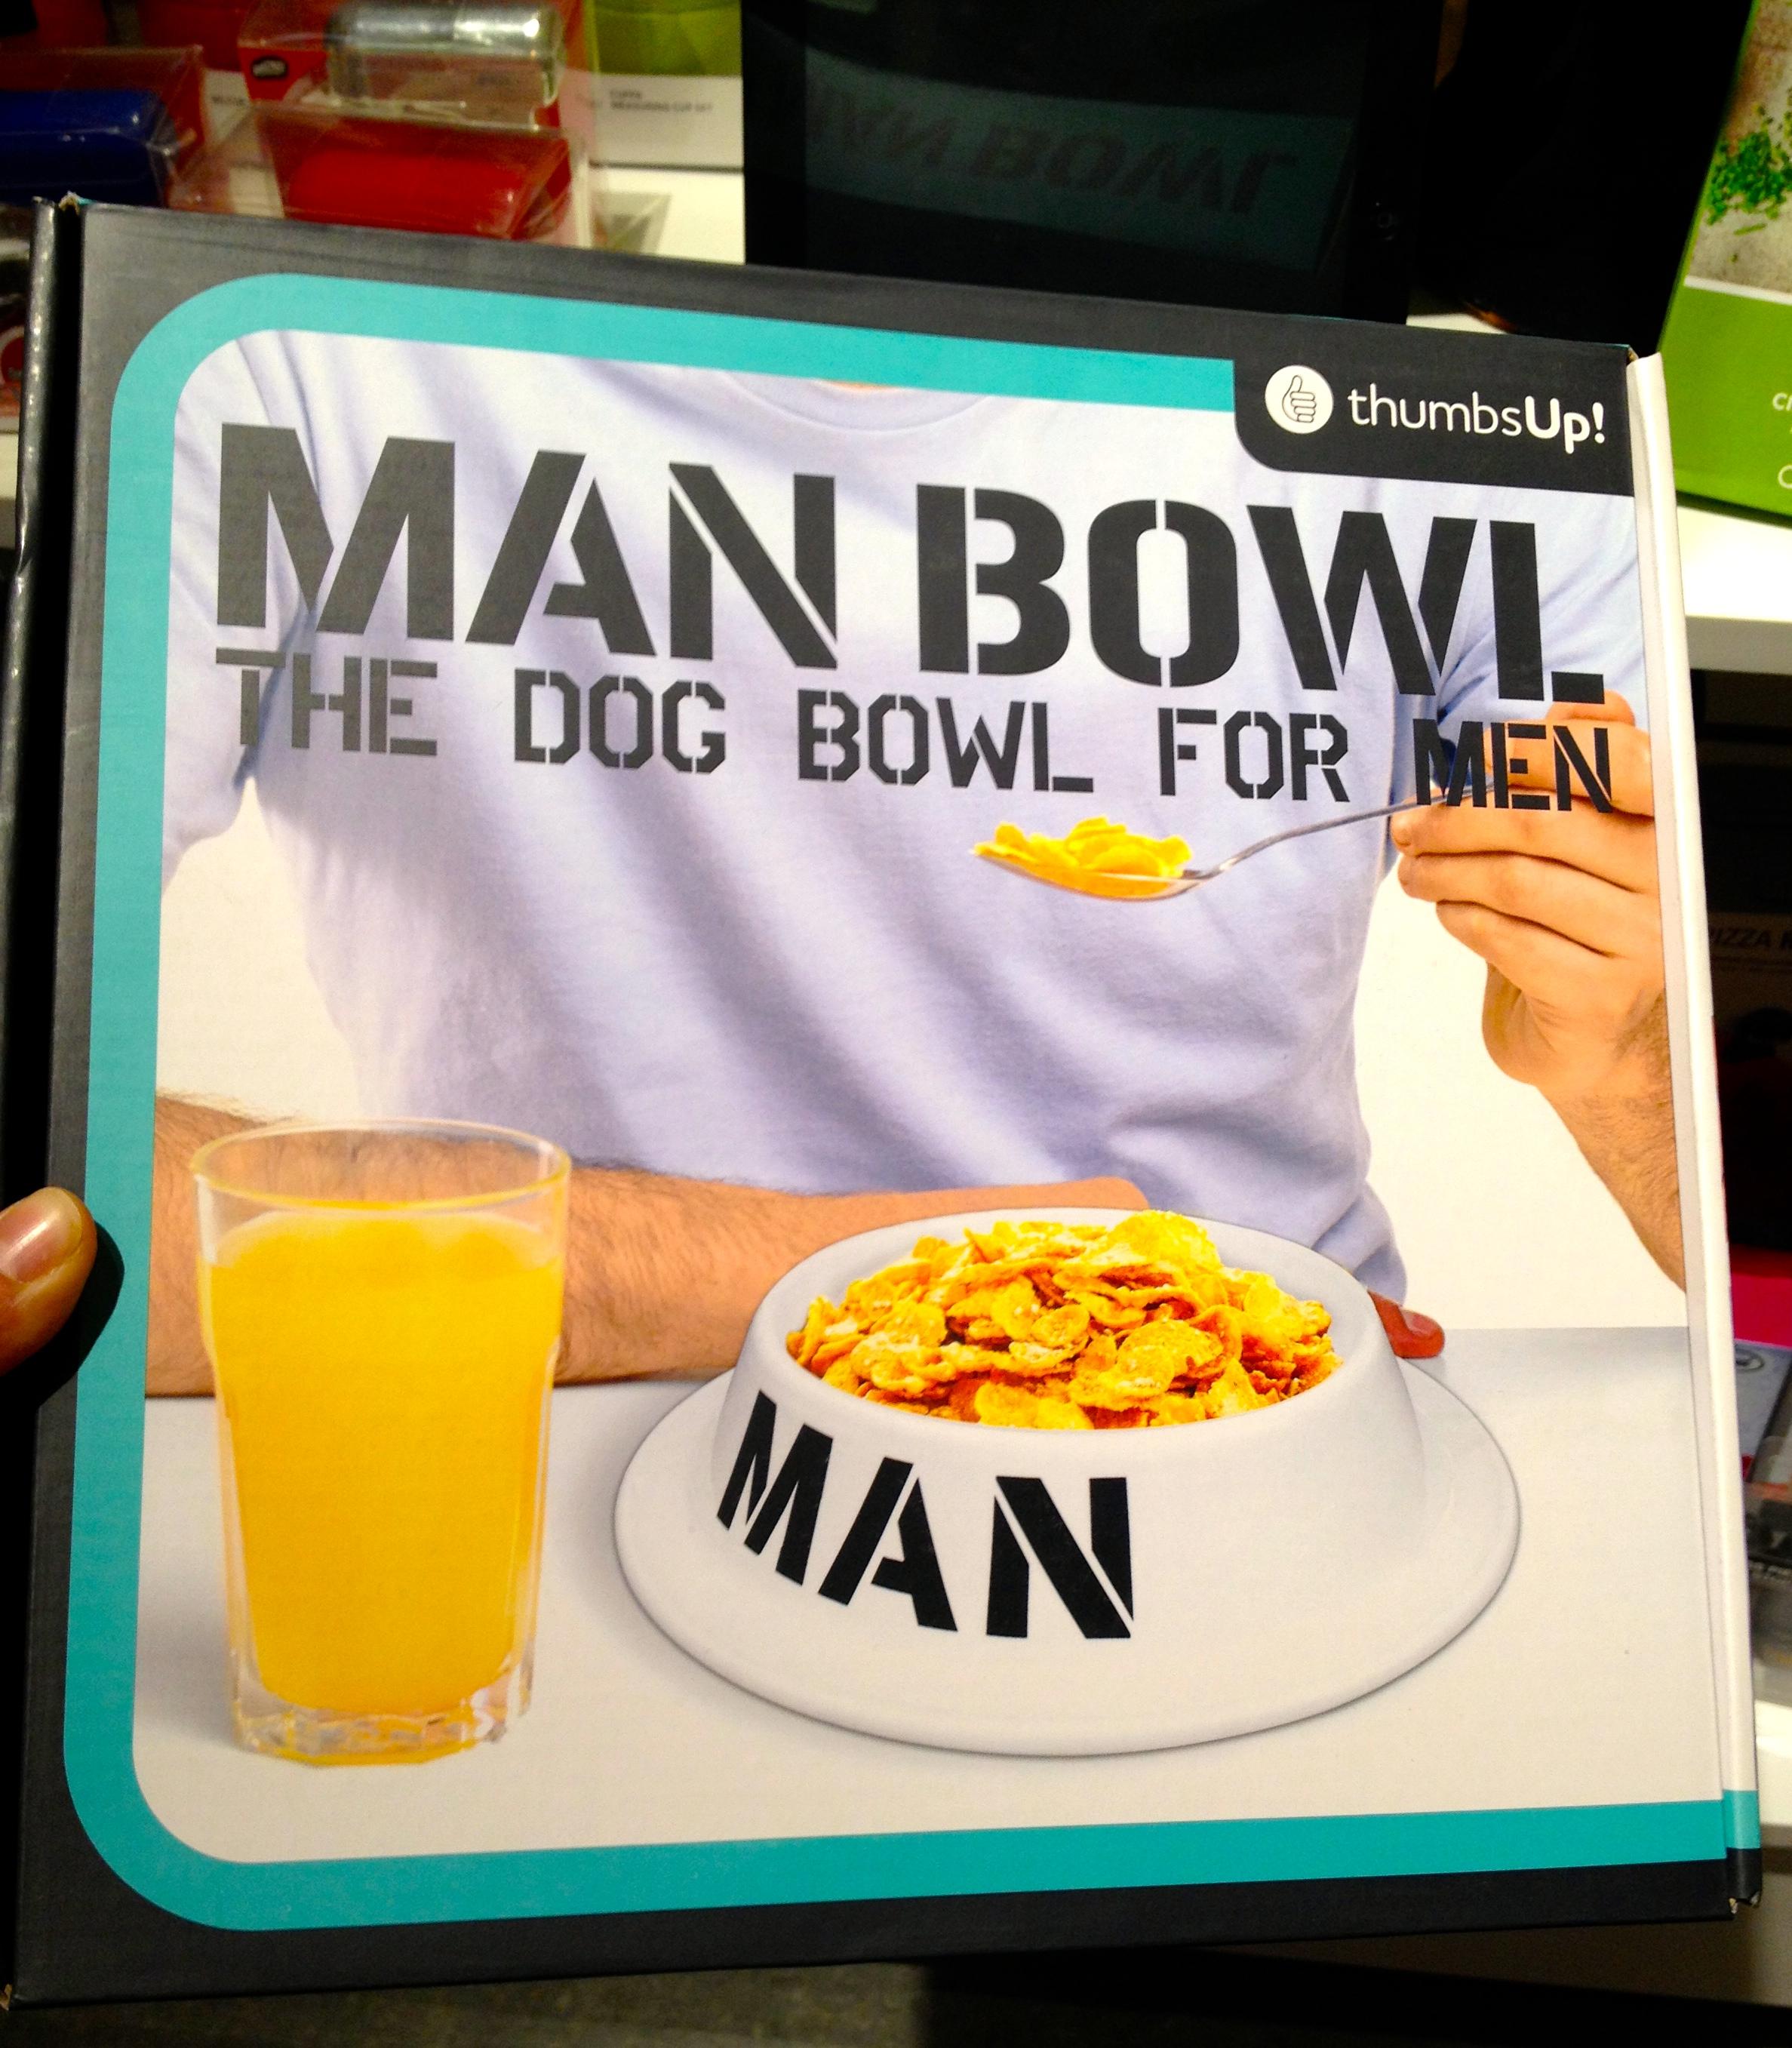 Man Bowl the Dog Bowl for Men produit de Thumbs Up - Photo de Cindy Cinnamon